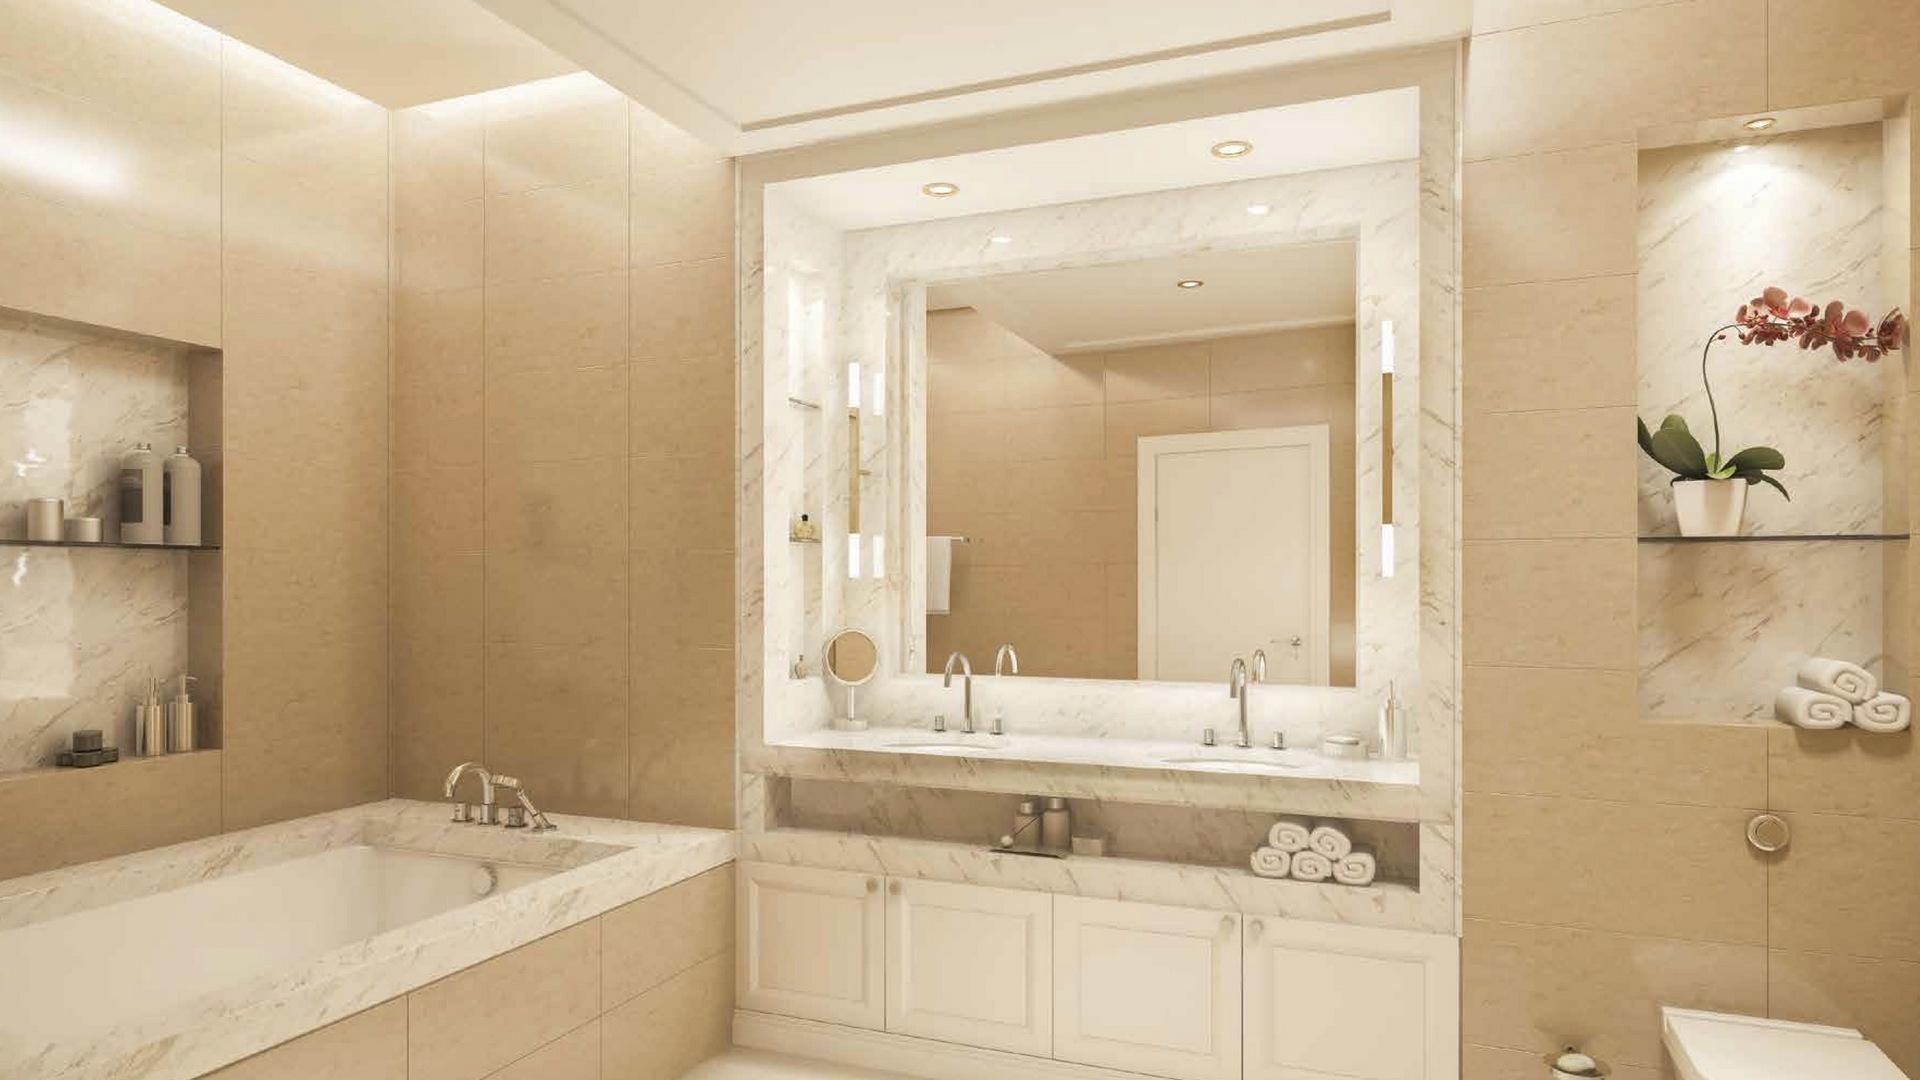 Adosado en venta en Dubai, EAU, 5 dormitorios, 421 m2, № 24074 – foto 7